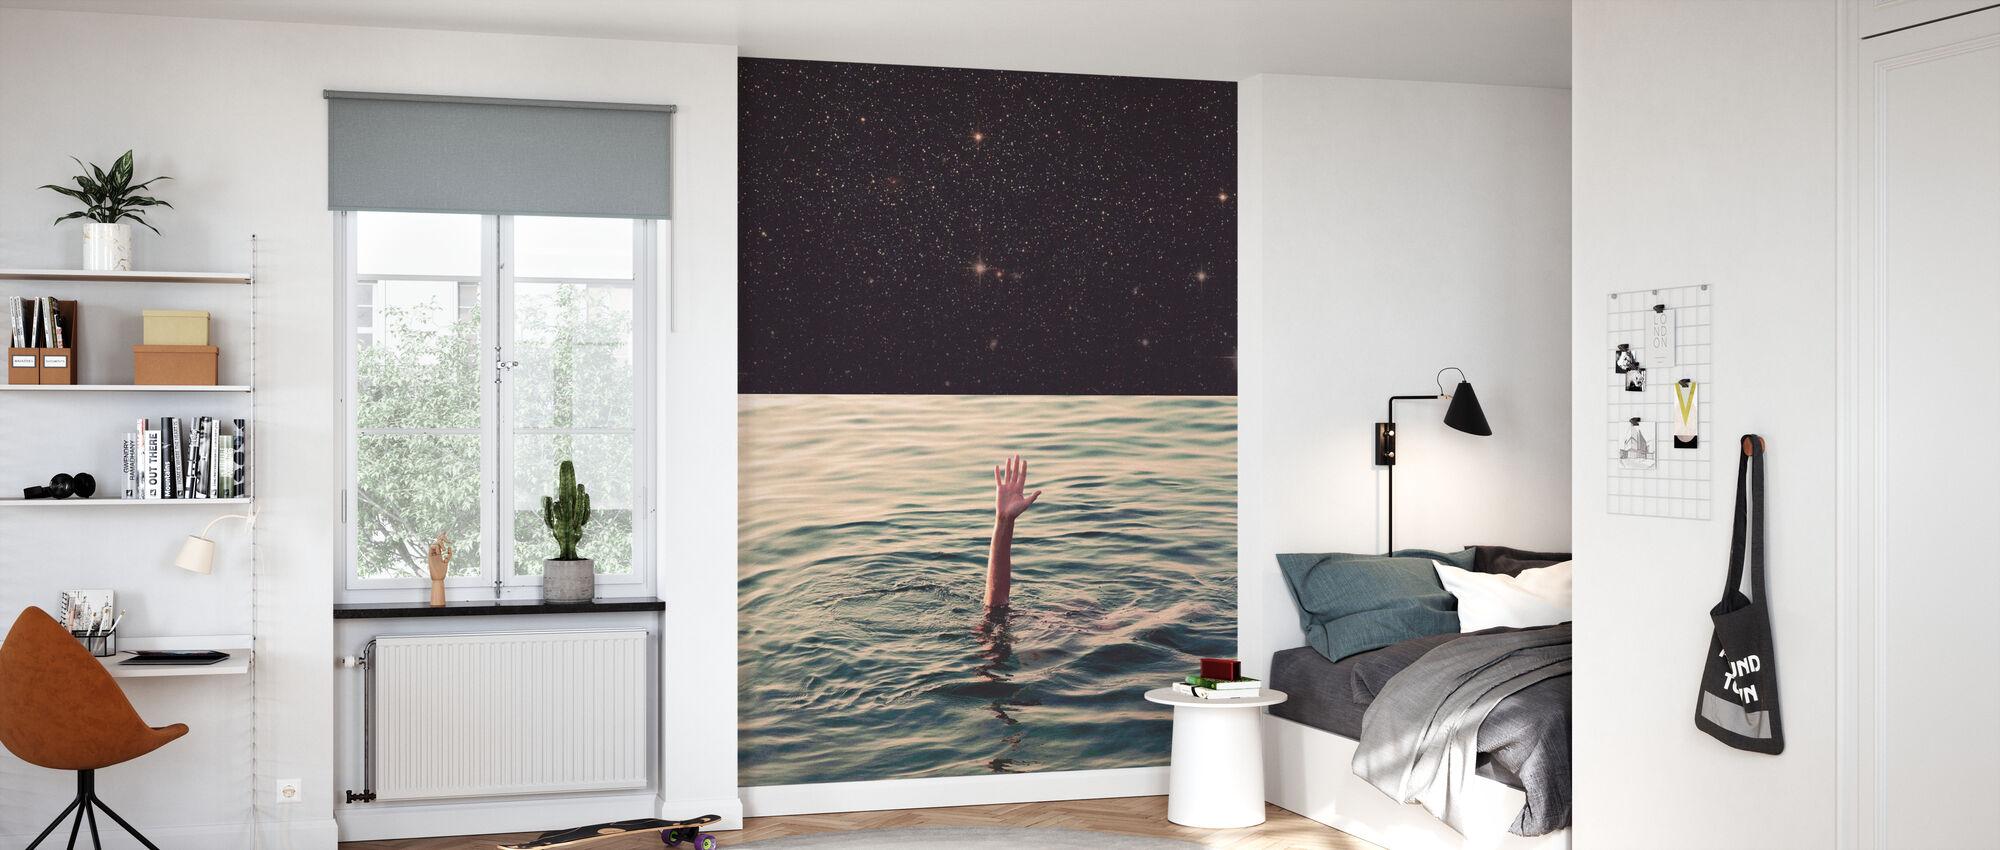 Drowned in Space - Wallpaper - Kids Room